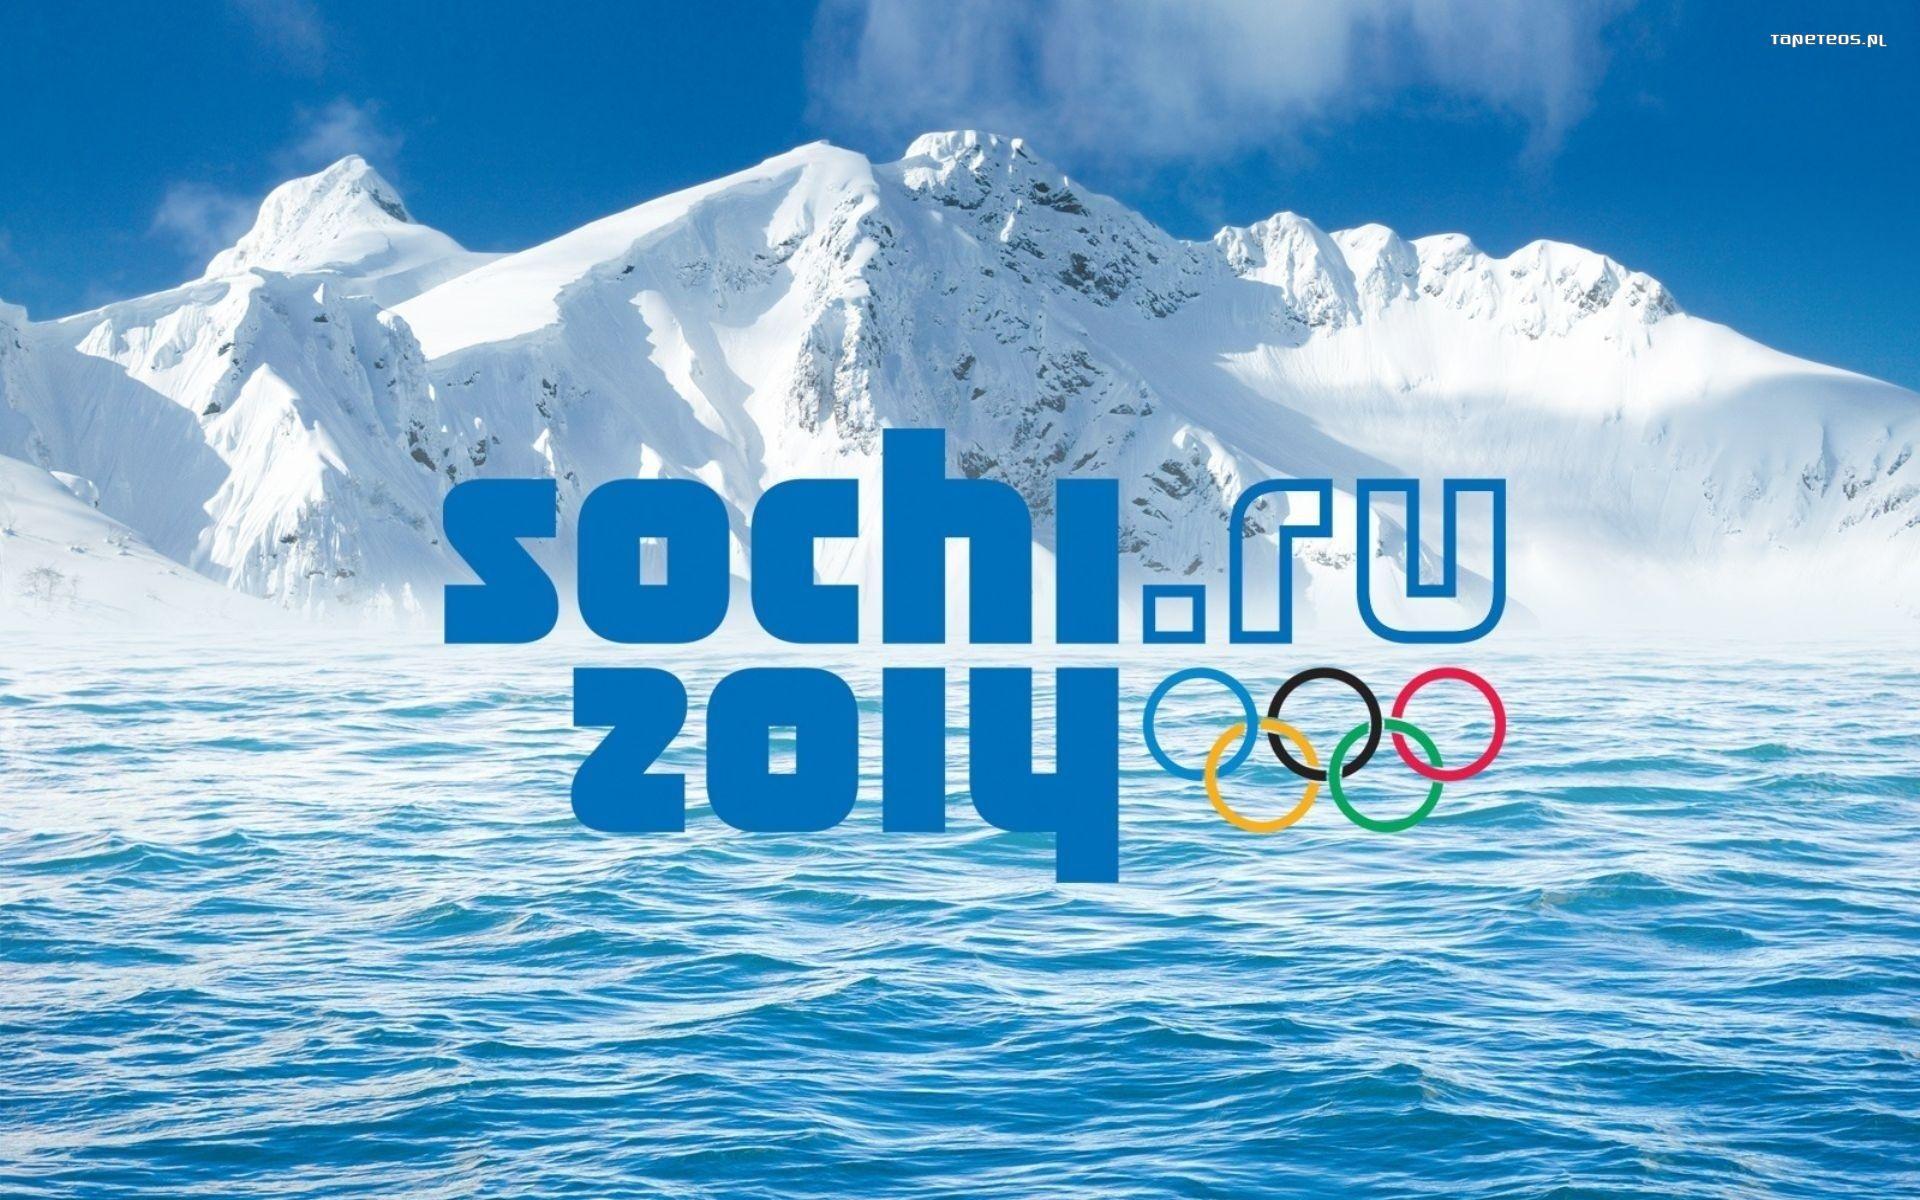 Igrzyska Olimpijskie Zimowe 2014 Soczi 2014 Zimowe Igrzyska